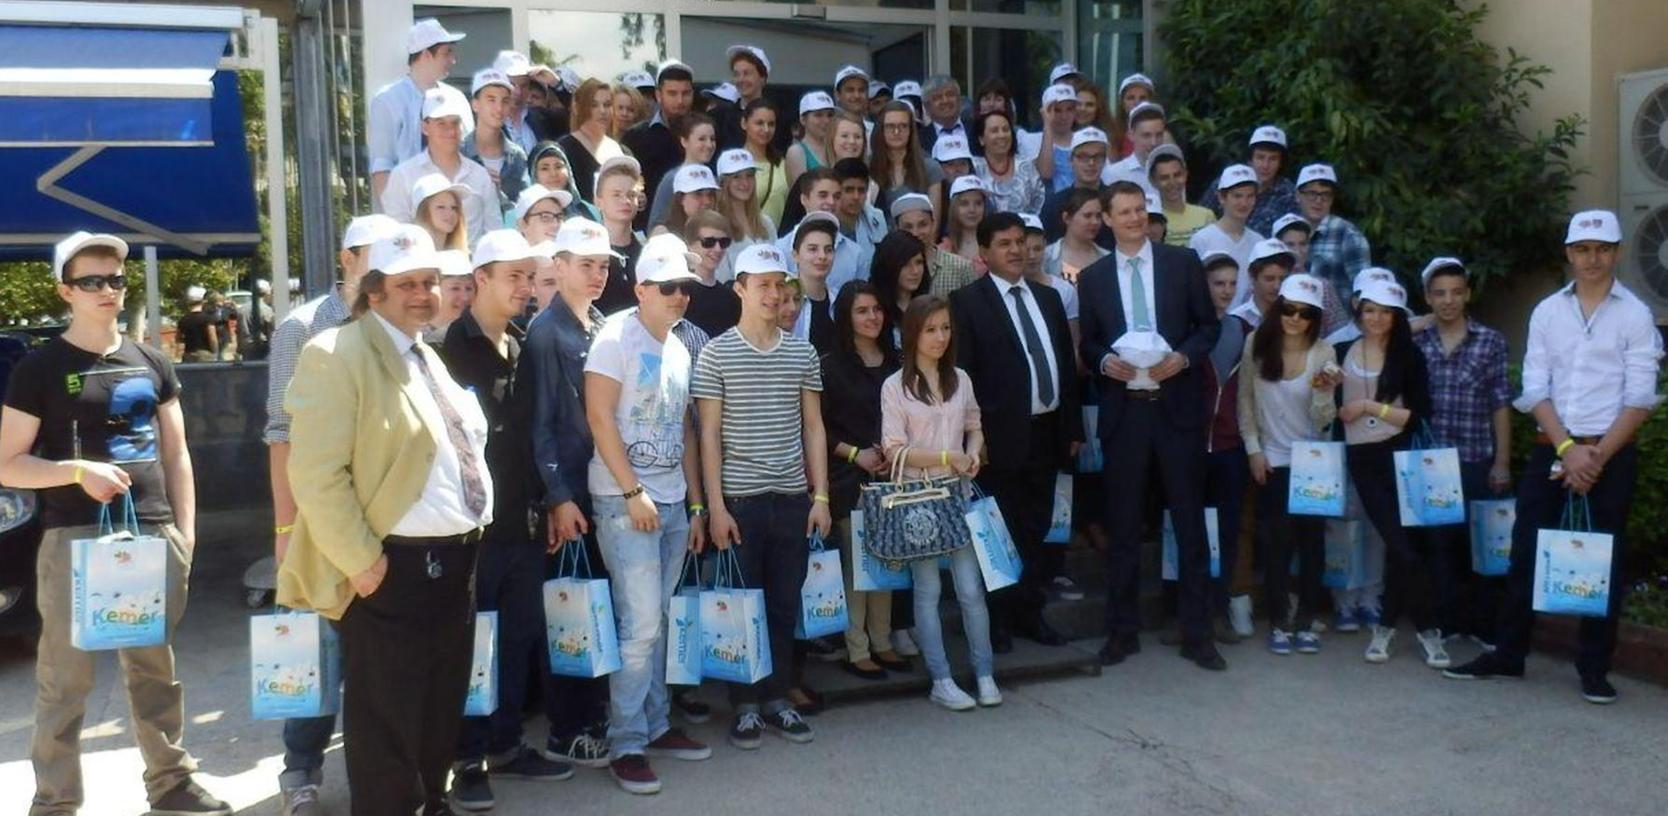 Die Karl-Dehm-Schüler wurden bei ihrem Besuch in Kemer herzlich empfangen. Nun will man sich beim Gegenbesuch für die große Gastfreundschaft revanchieren.